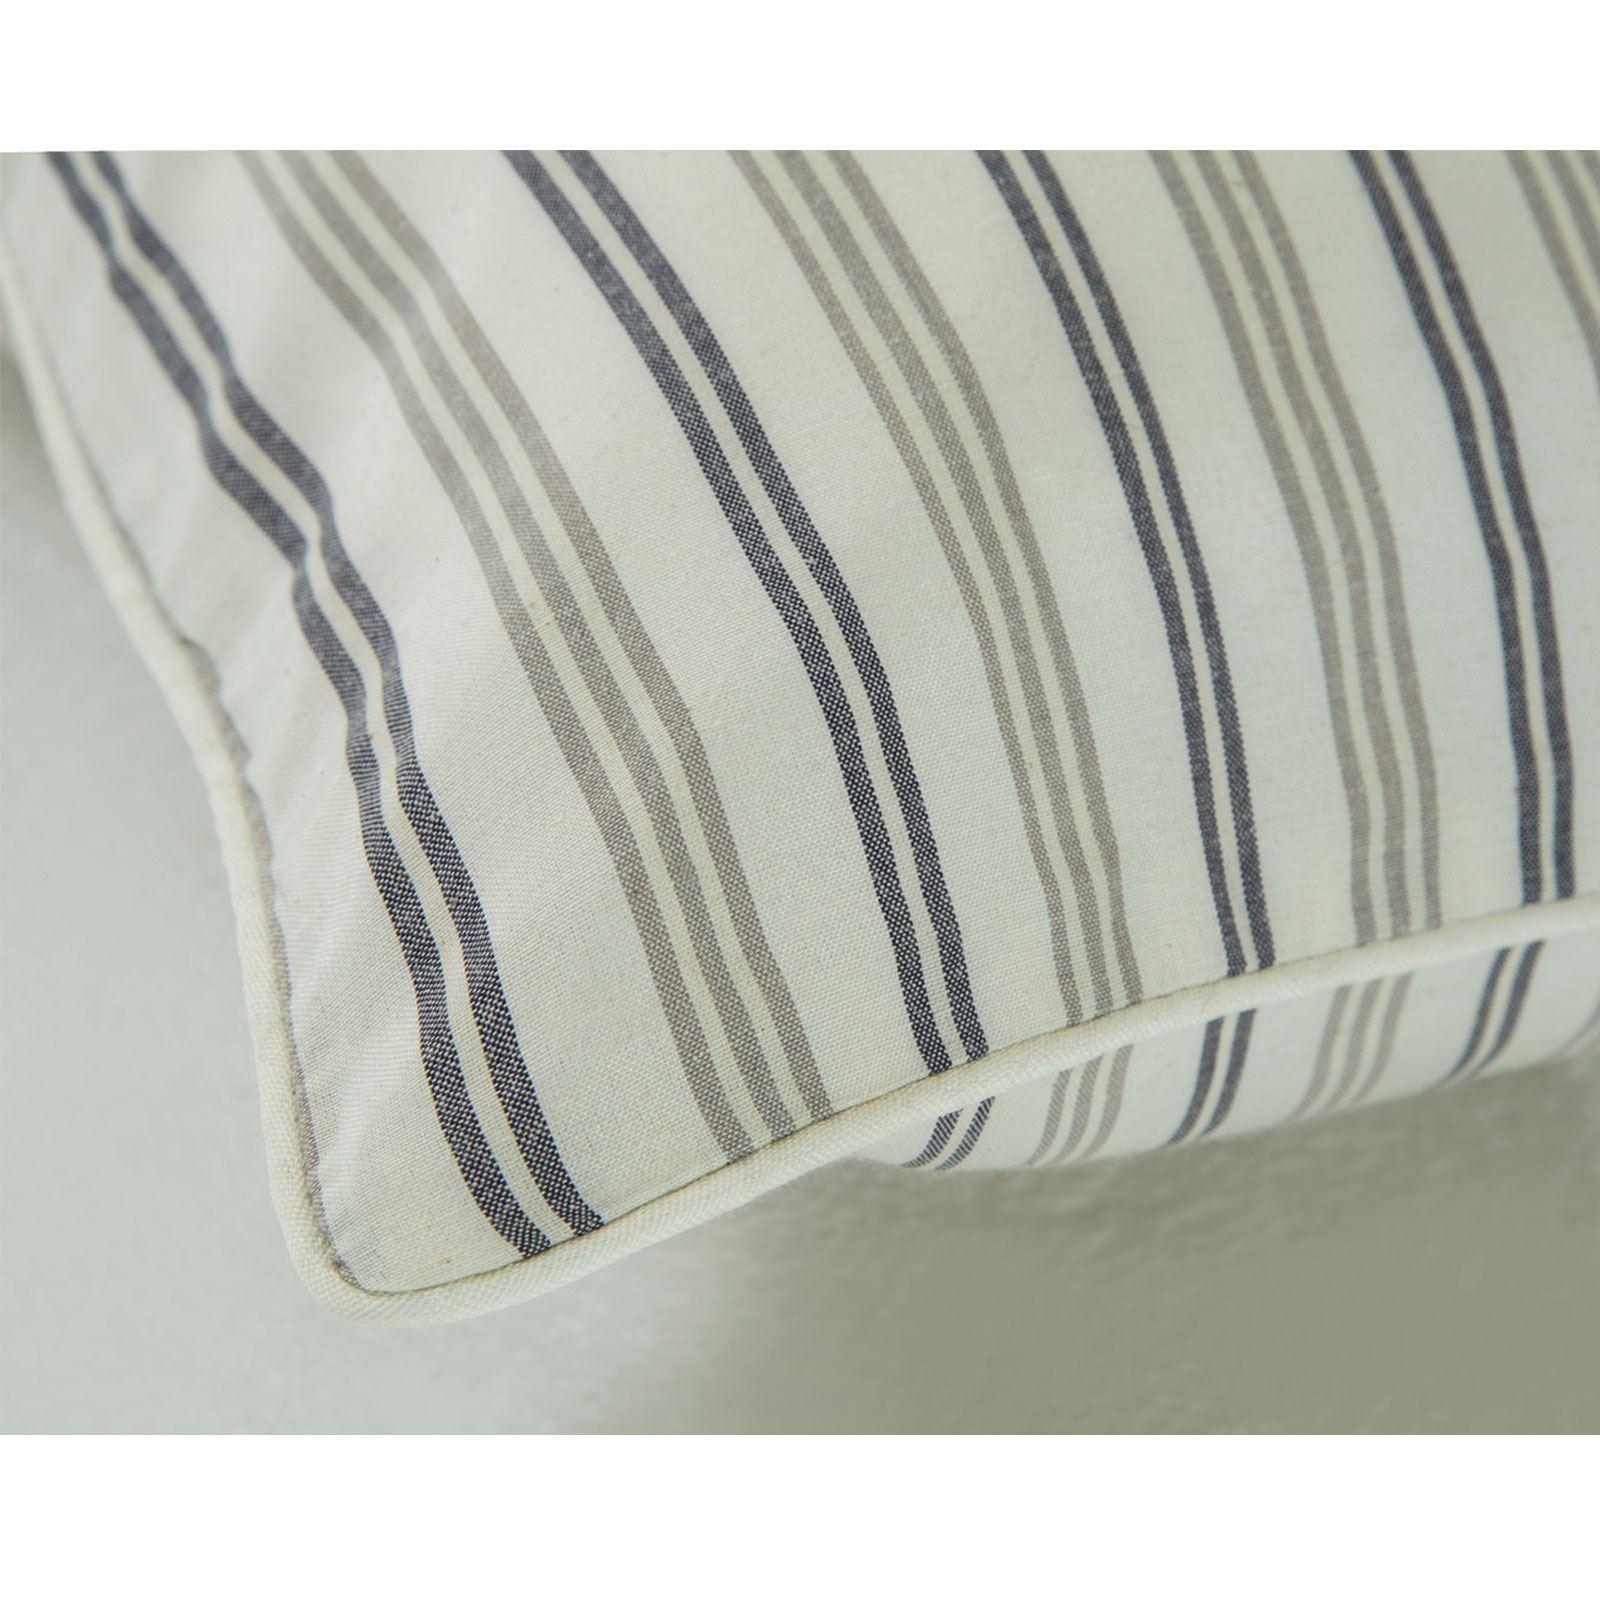 De-Lujo-Suave-Algodon-Rico-Tejido-Stripe-Multi-Funda-Nordica-Edredon-De-Rayas-Juego-De-Cama miniatura 11